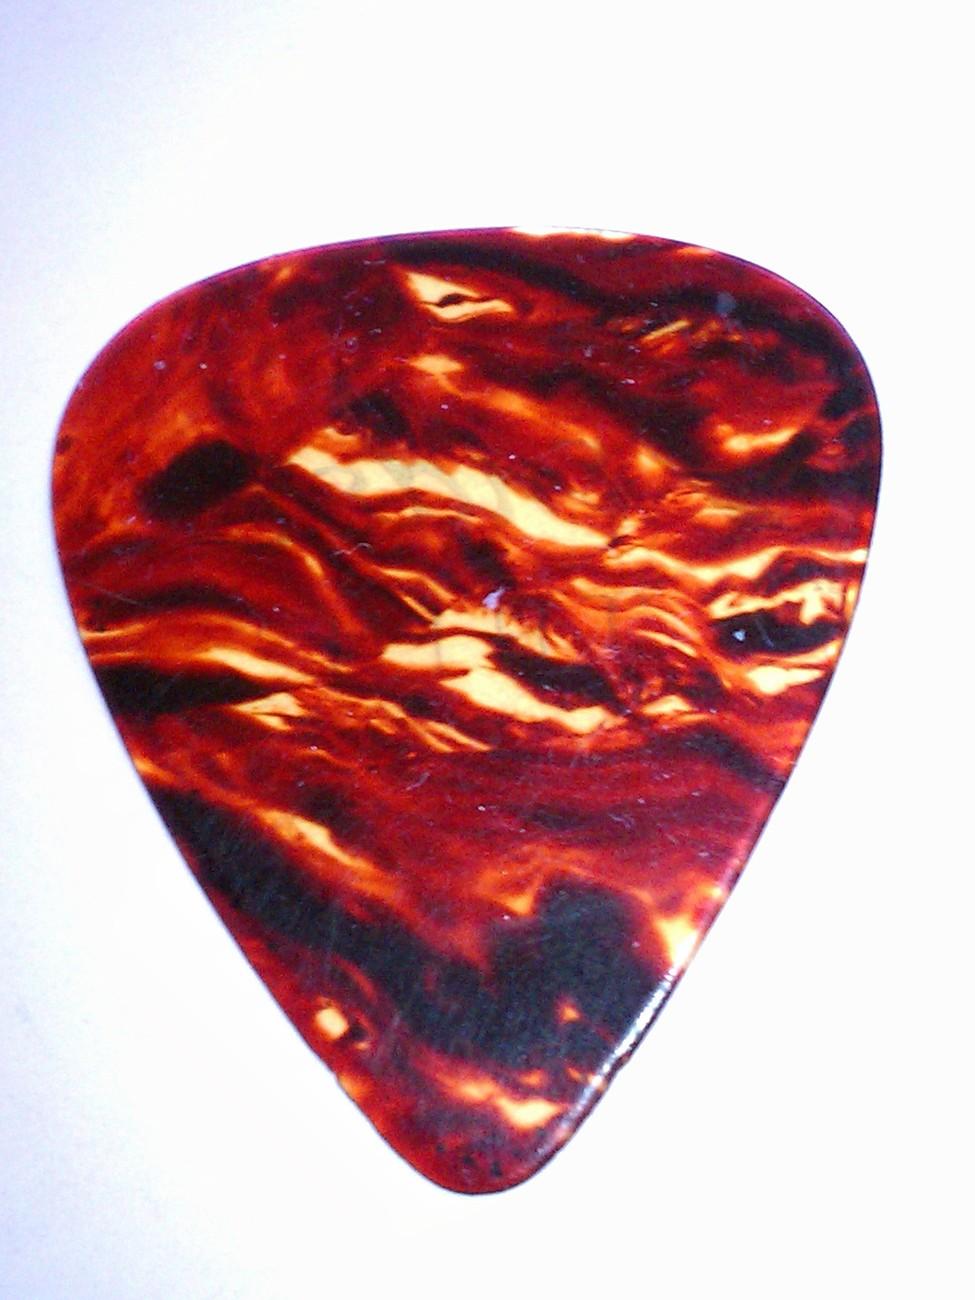 Celluloid Guitar Picks : vintage fender guitar pick celluloid triangle picks picks ~ Hamham.info Haus und Dekorationen